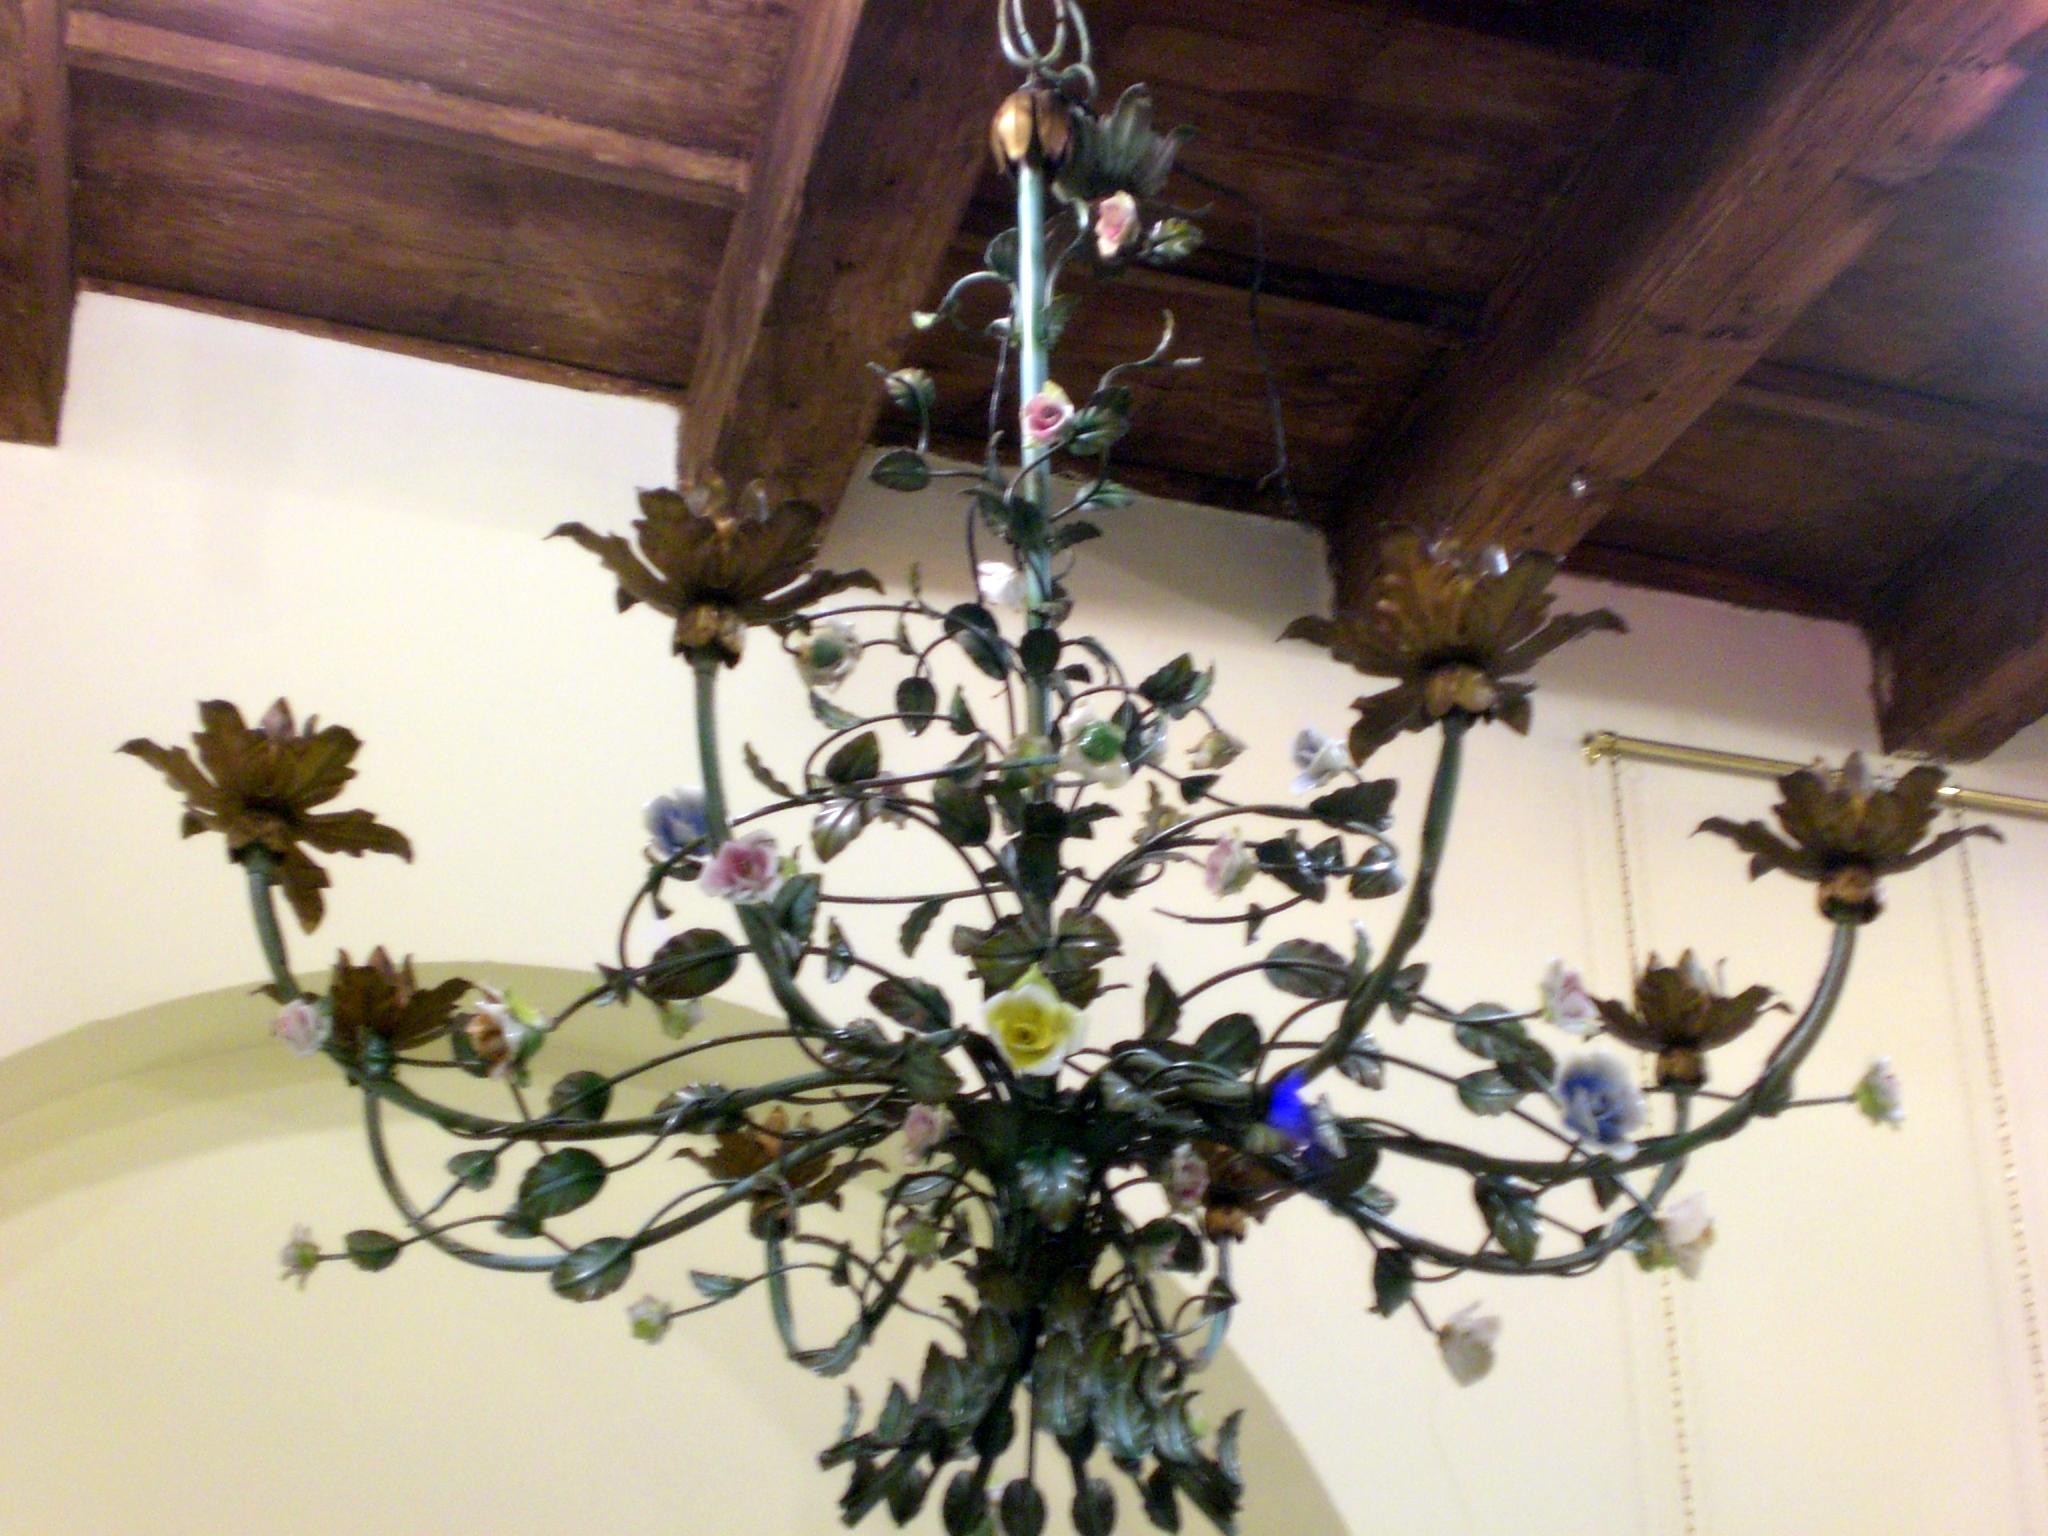 lampadario capodimonte : ... - Lampadario ferro battuto e roselline in ceramica di Capodimonte